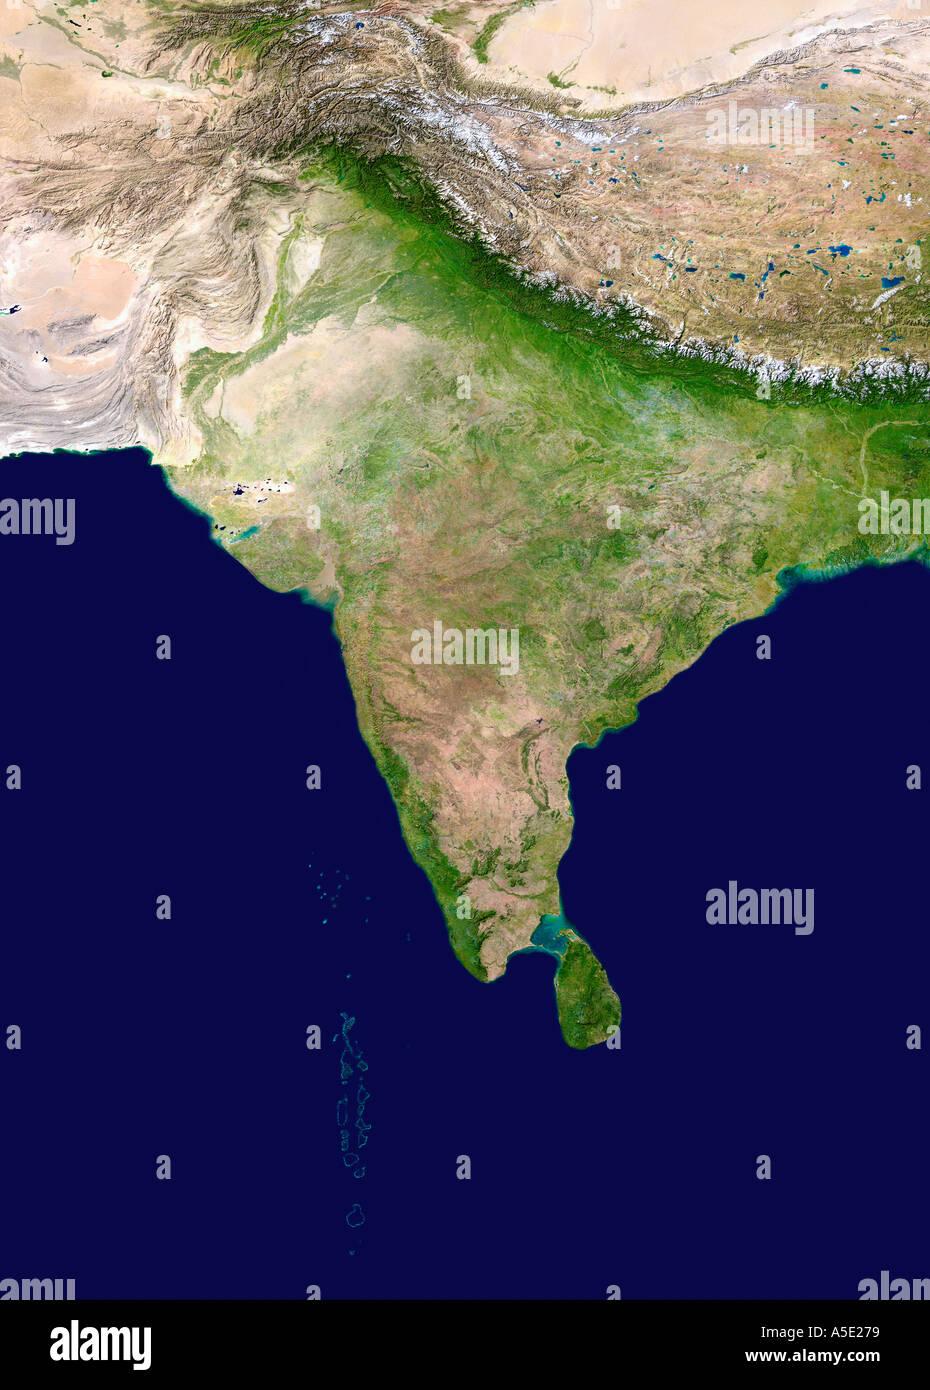 Immagine satellitare del subcontinente indiano la Terra dallo spazio Immagini Stock